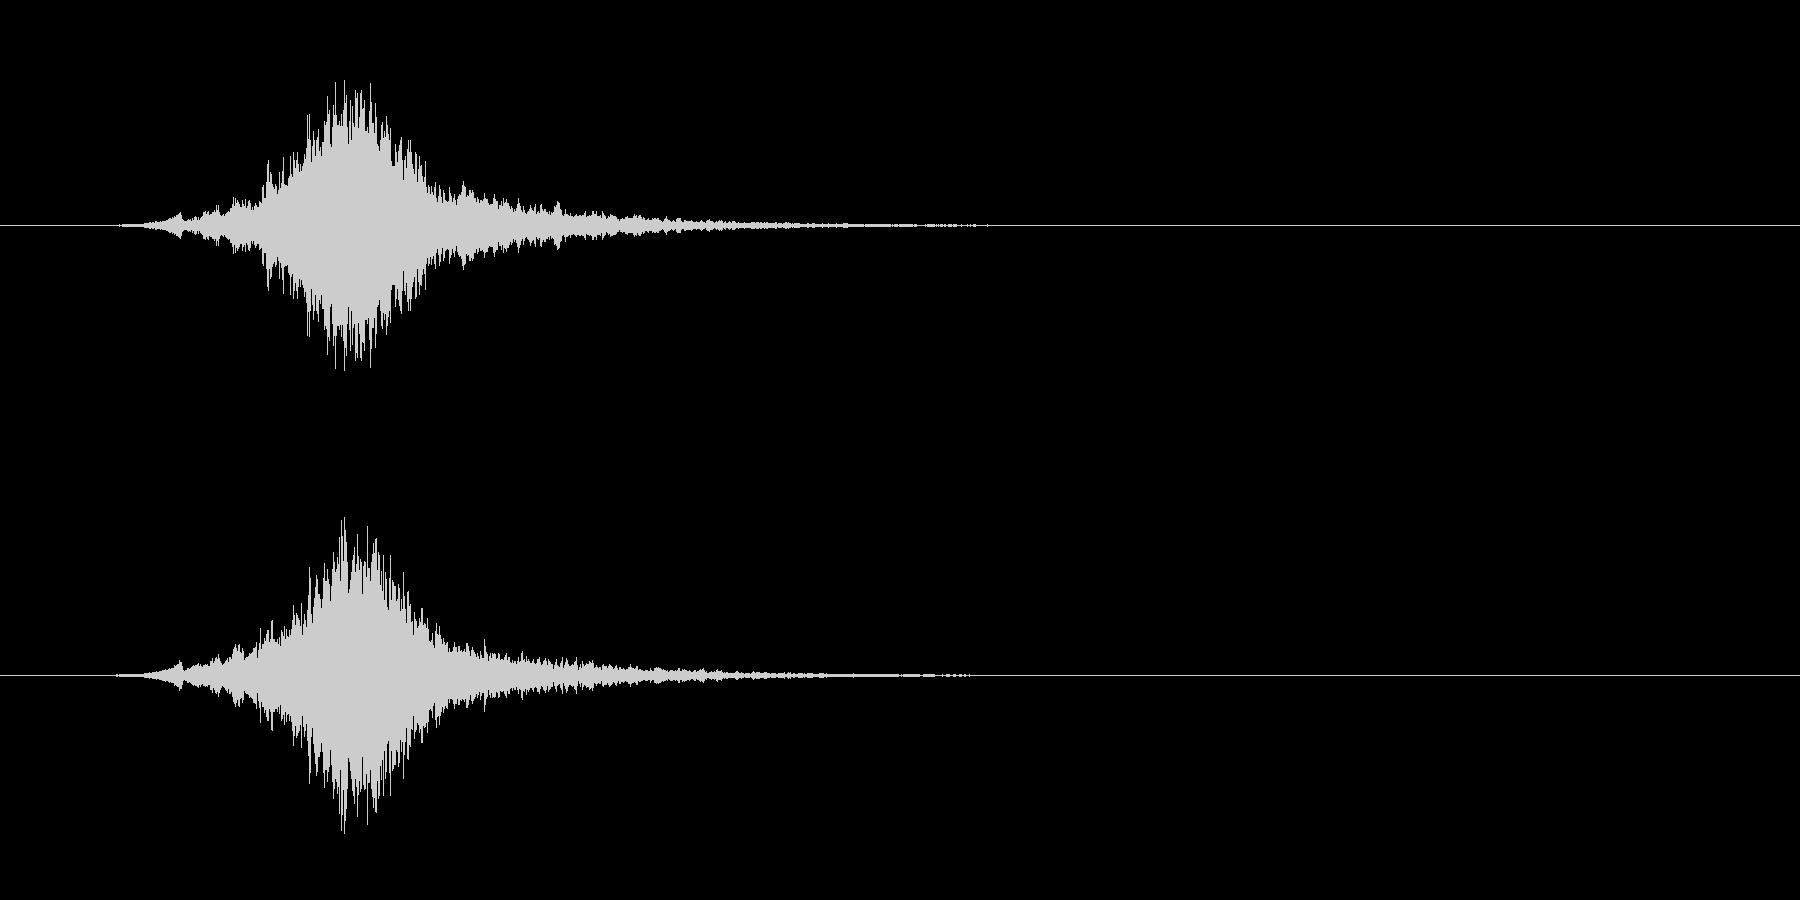 クリスマス シャリーンというベルの音#2の未再生の波形